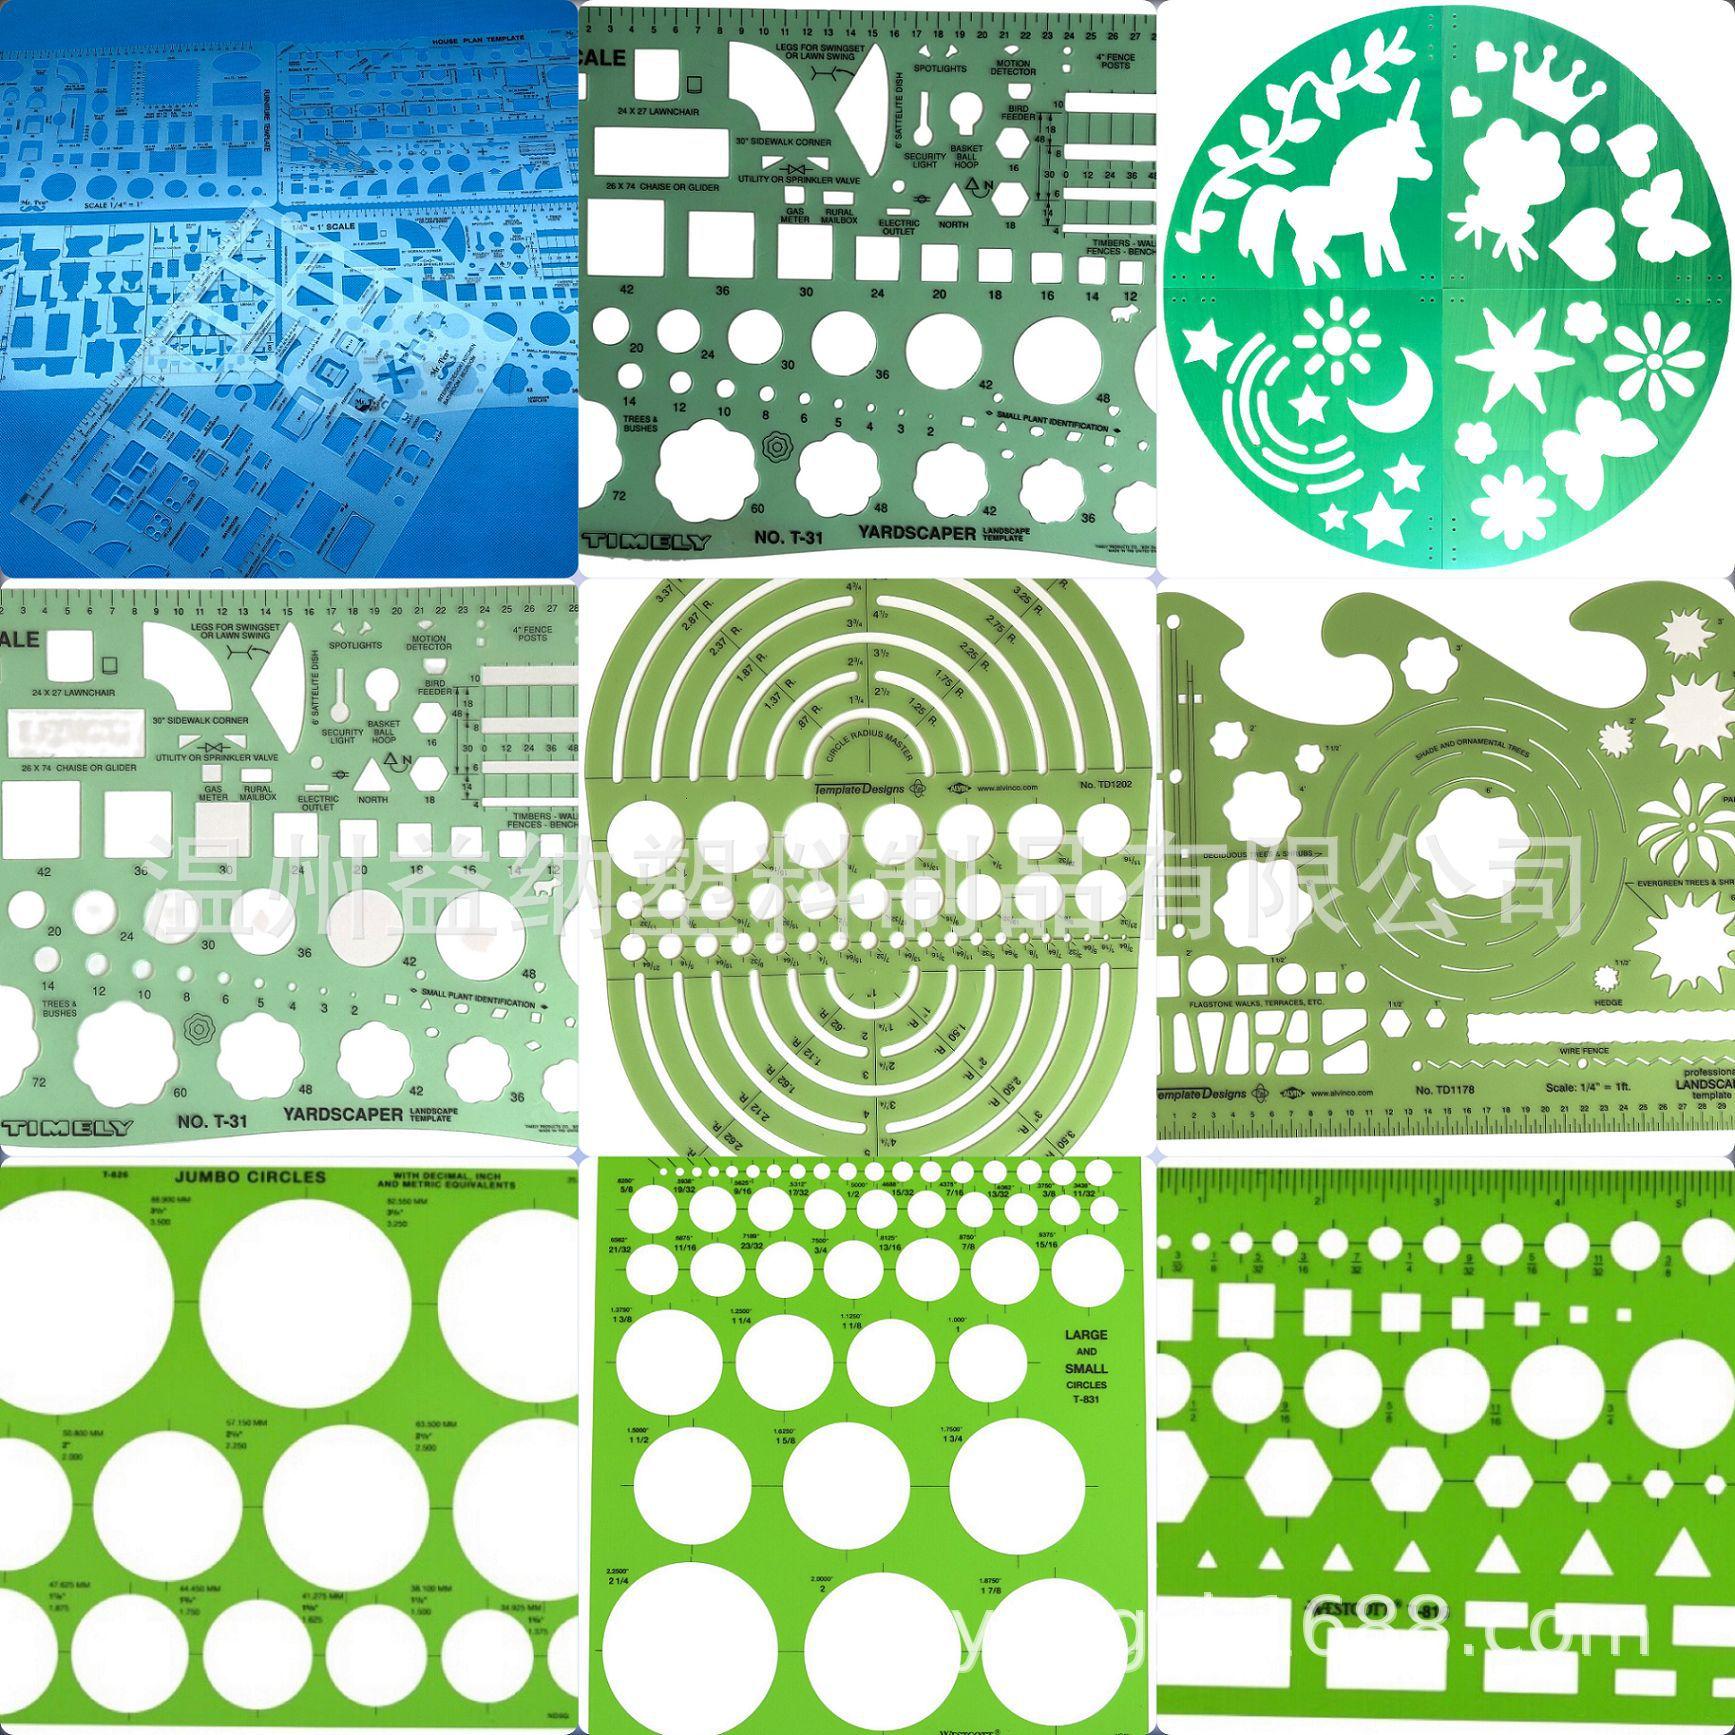 建筑设计几何尺绘图模板 绘制工具镂空比例尺模板 益智镂空画画板